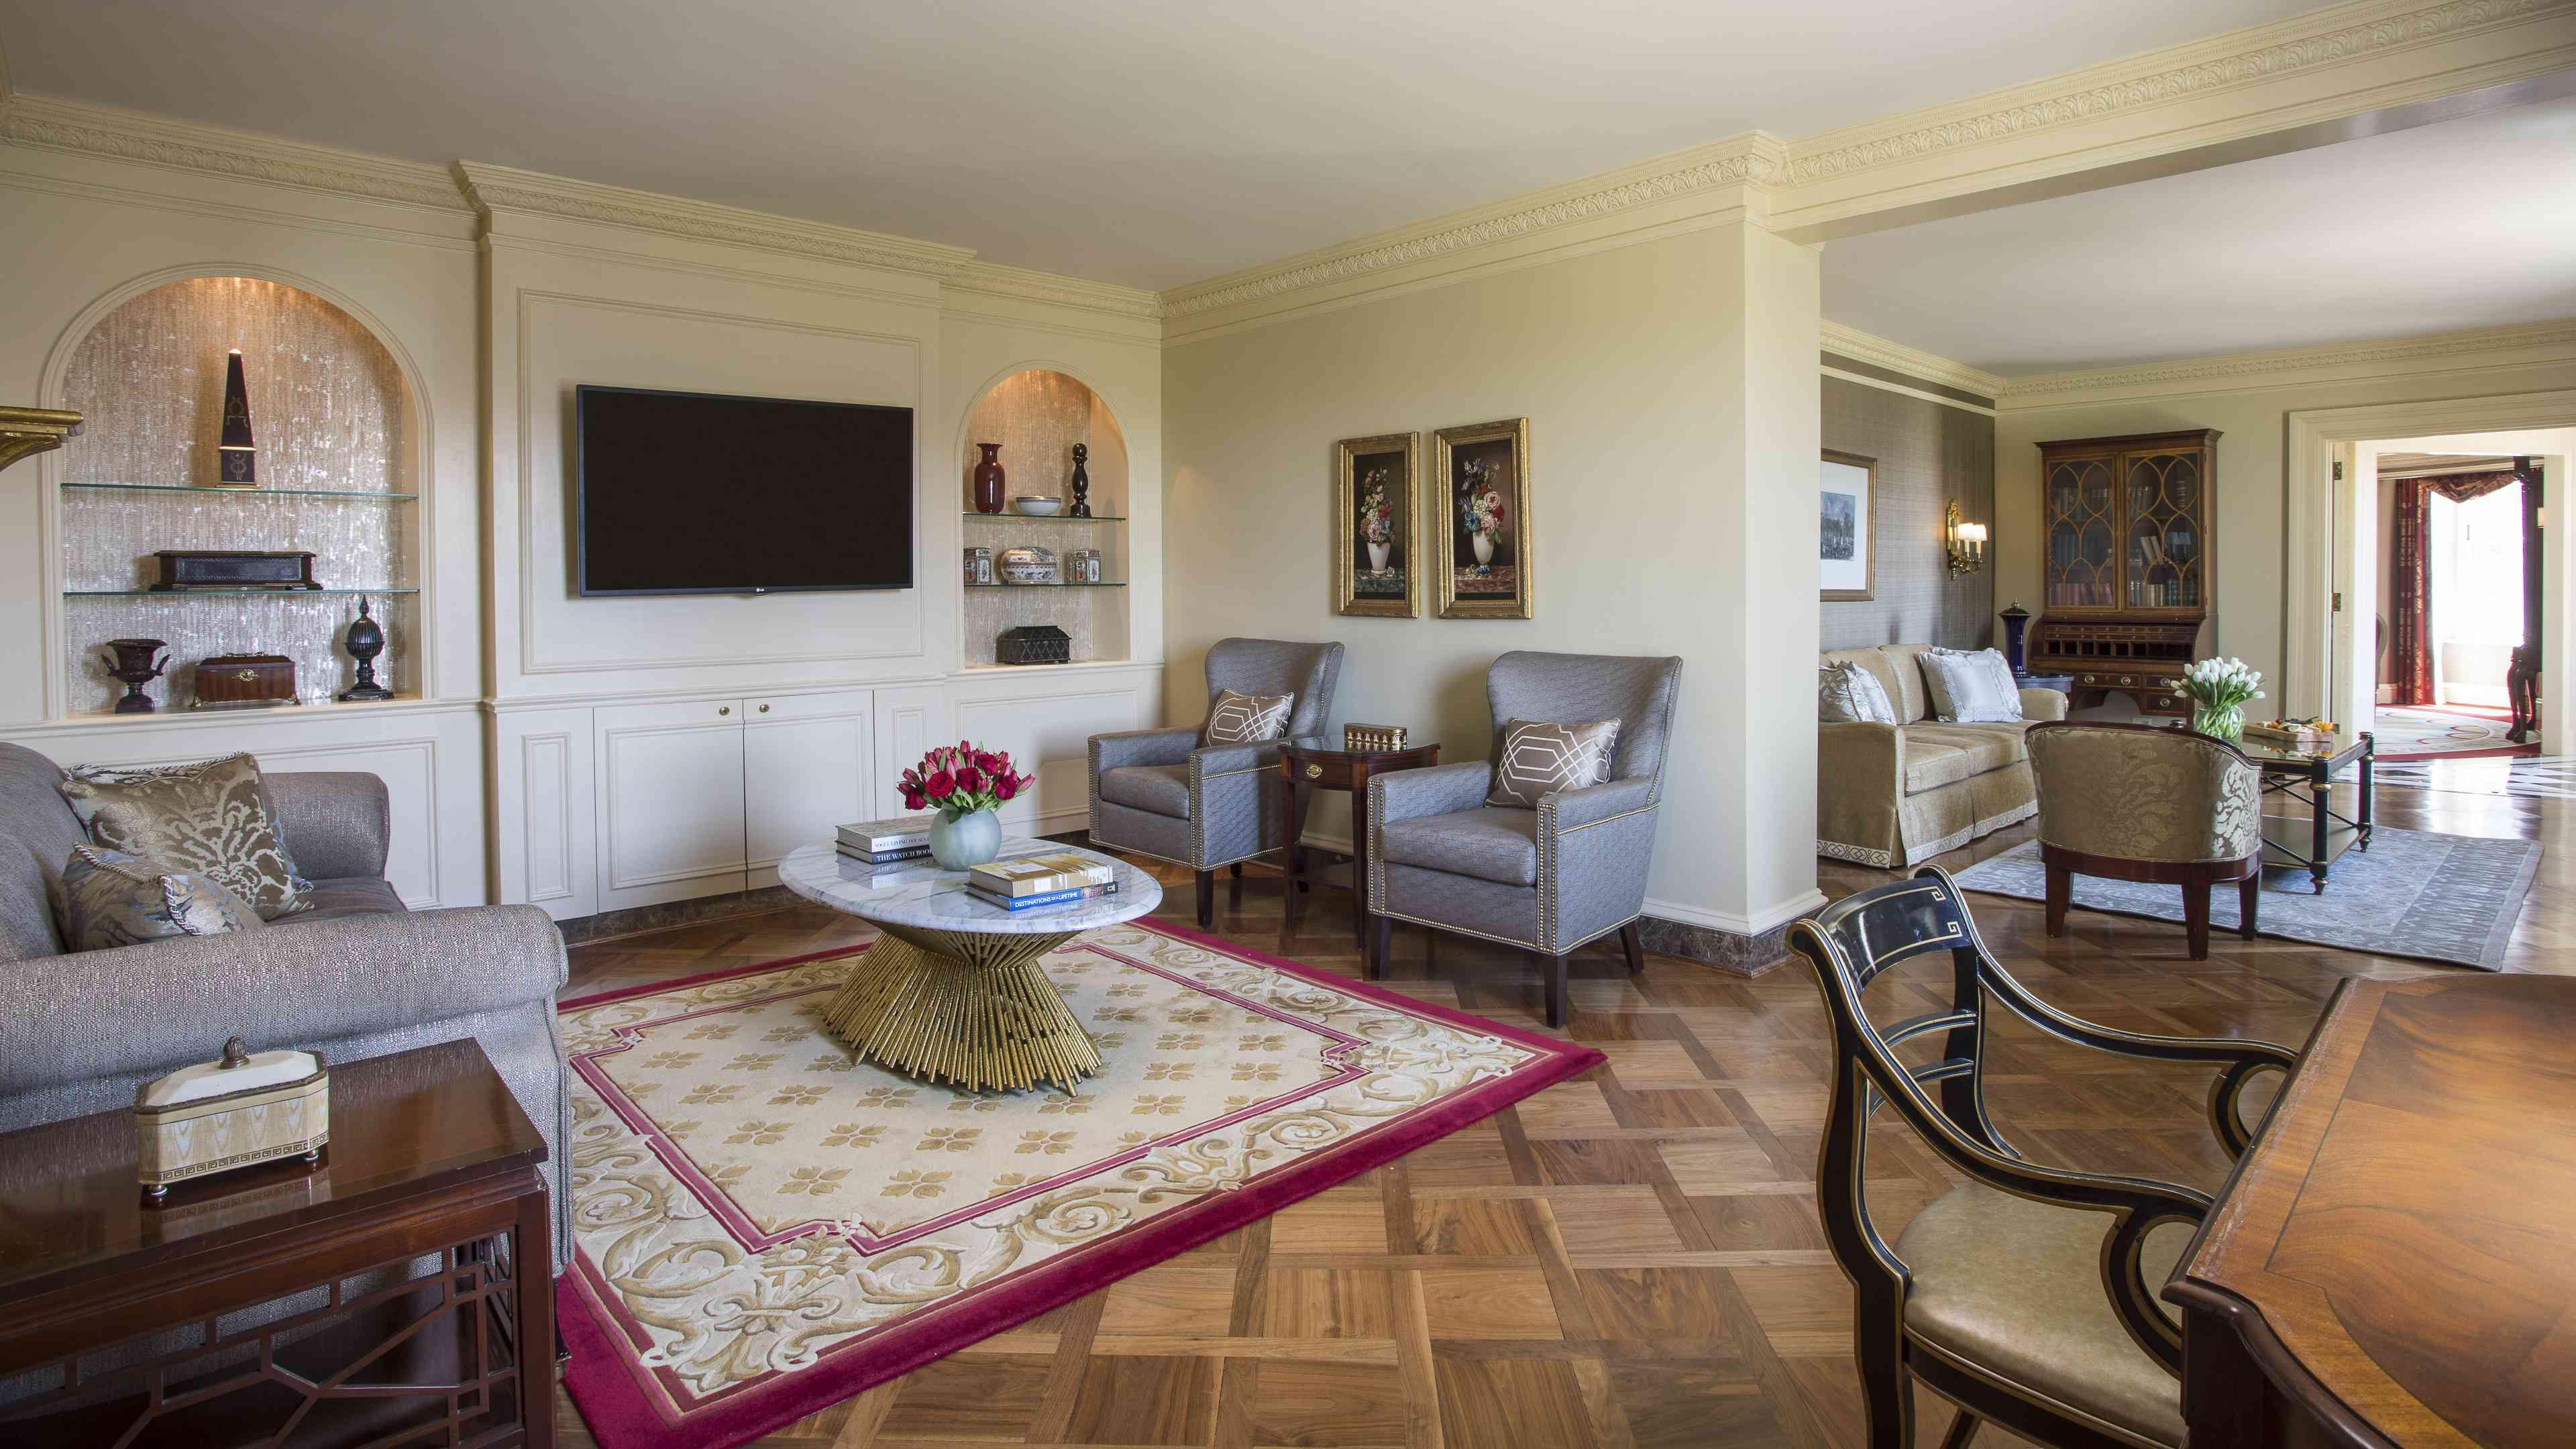 Sala de estar de la suite presidencial Thomas Jefferson en el Willard Intercontential. Hay un sofá gris para dos personas frente a dos sillones grises con una alfombra roja y crema que los separa